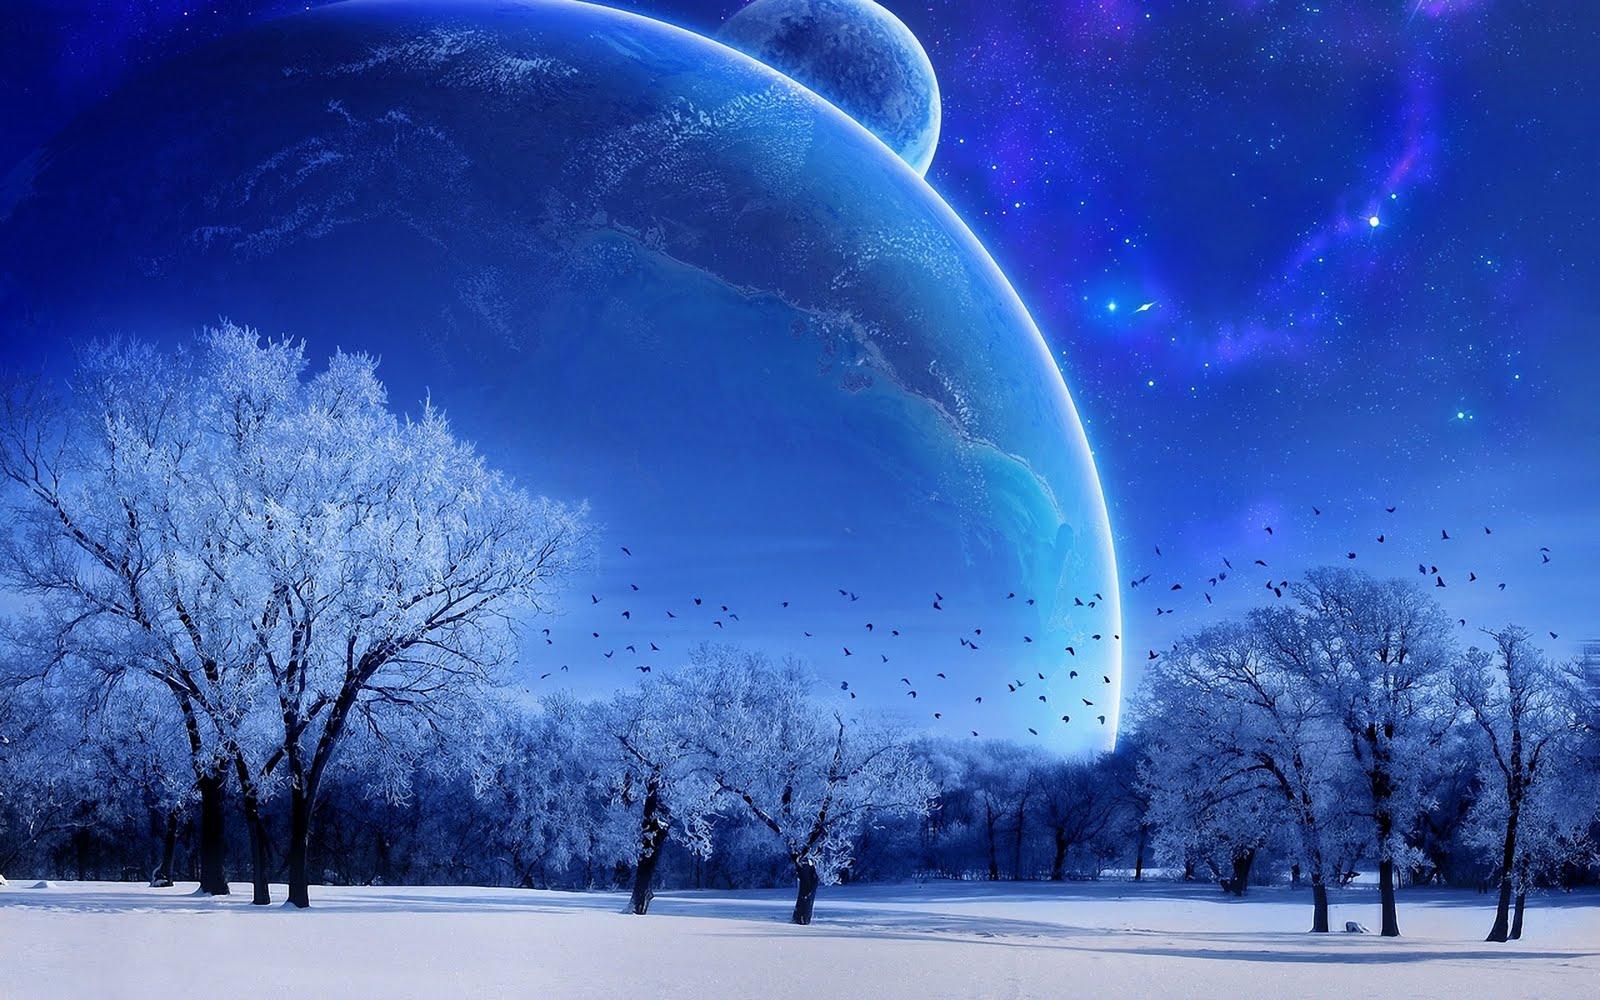 http://2.bp.blogspot.com/-Wb6LSnvxsHY/Ttxp76nUhPI/AAAAAAAABEs/dOP7riM-RSM/s1600/Space+scene+HD+wallpaper+space-wallpaper-hd-7-787343.jpg